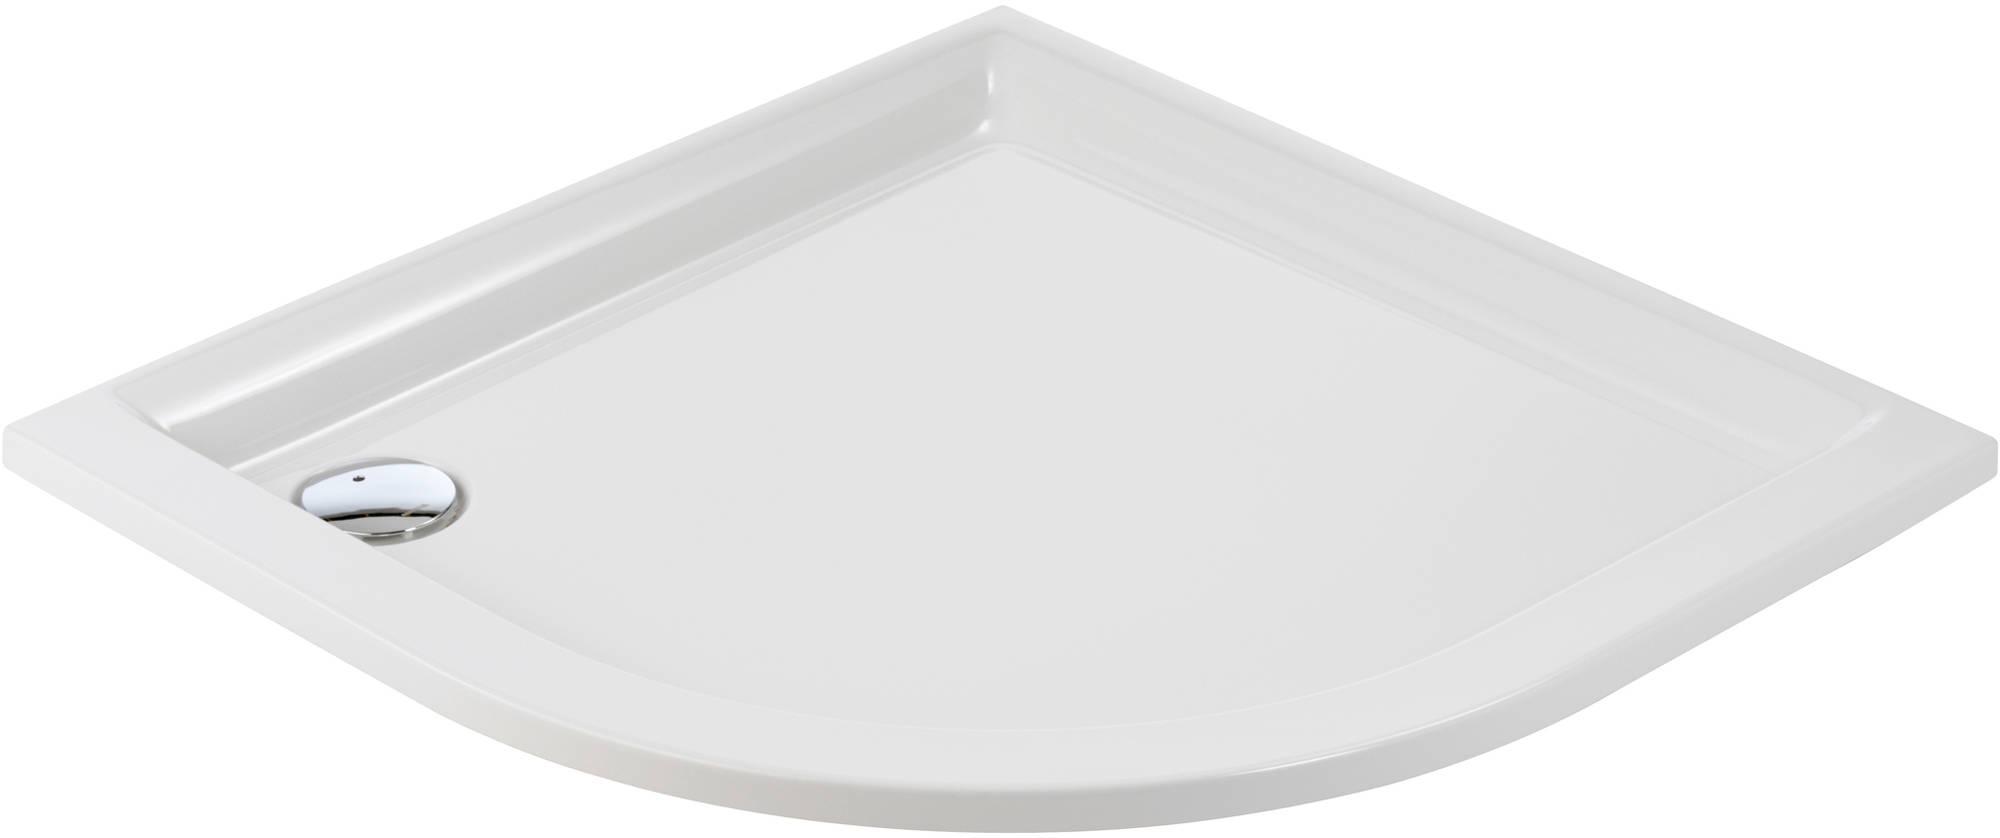 Sealskin Senso douchebak 1-4 rond 90x90cm inbouw, wit